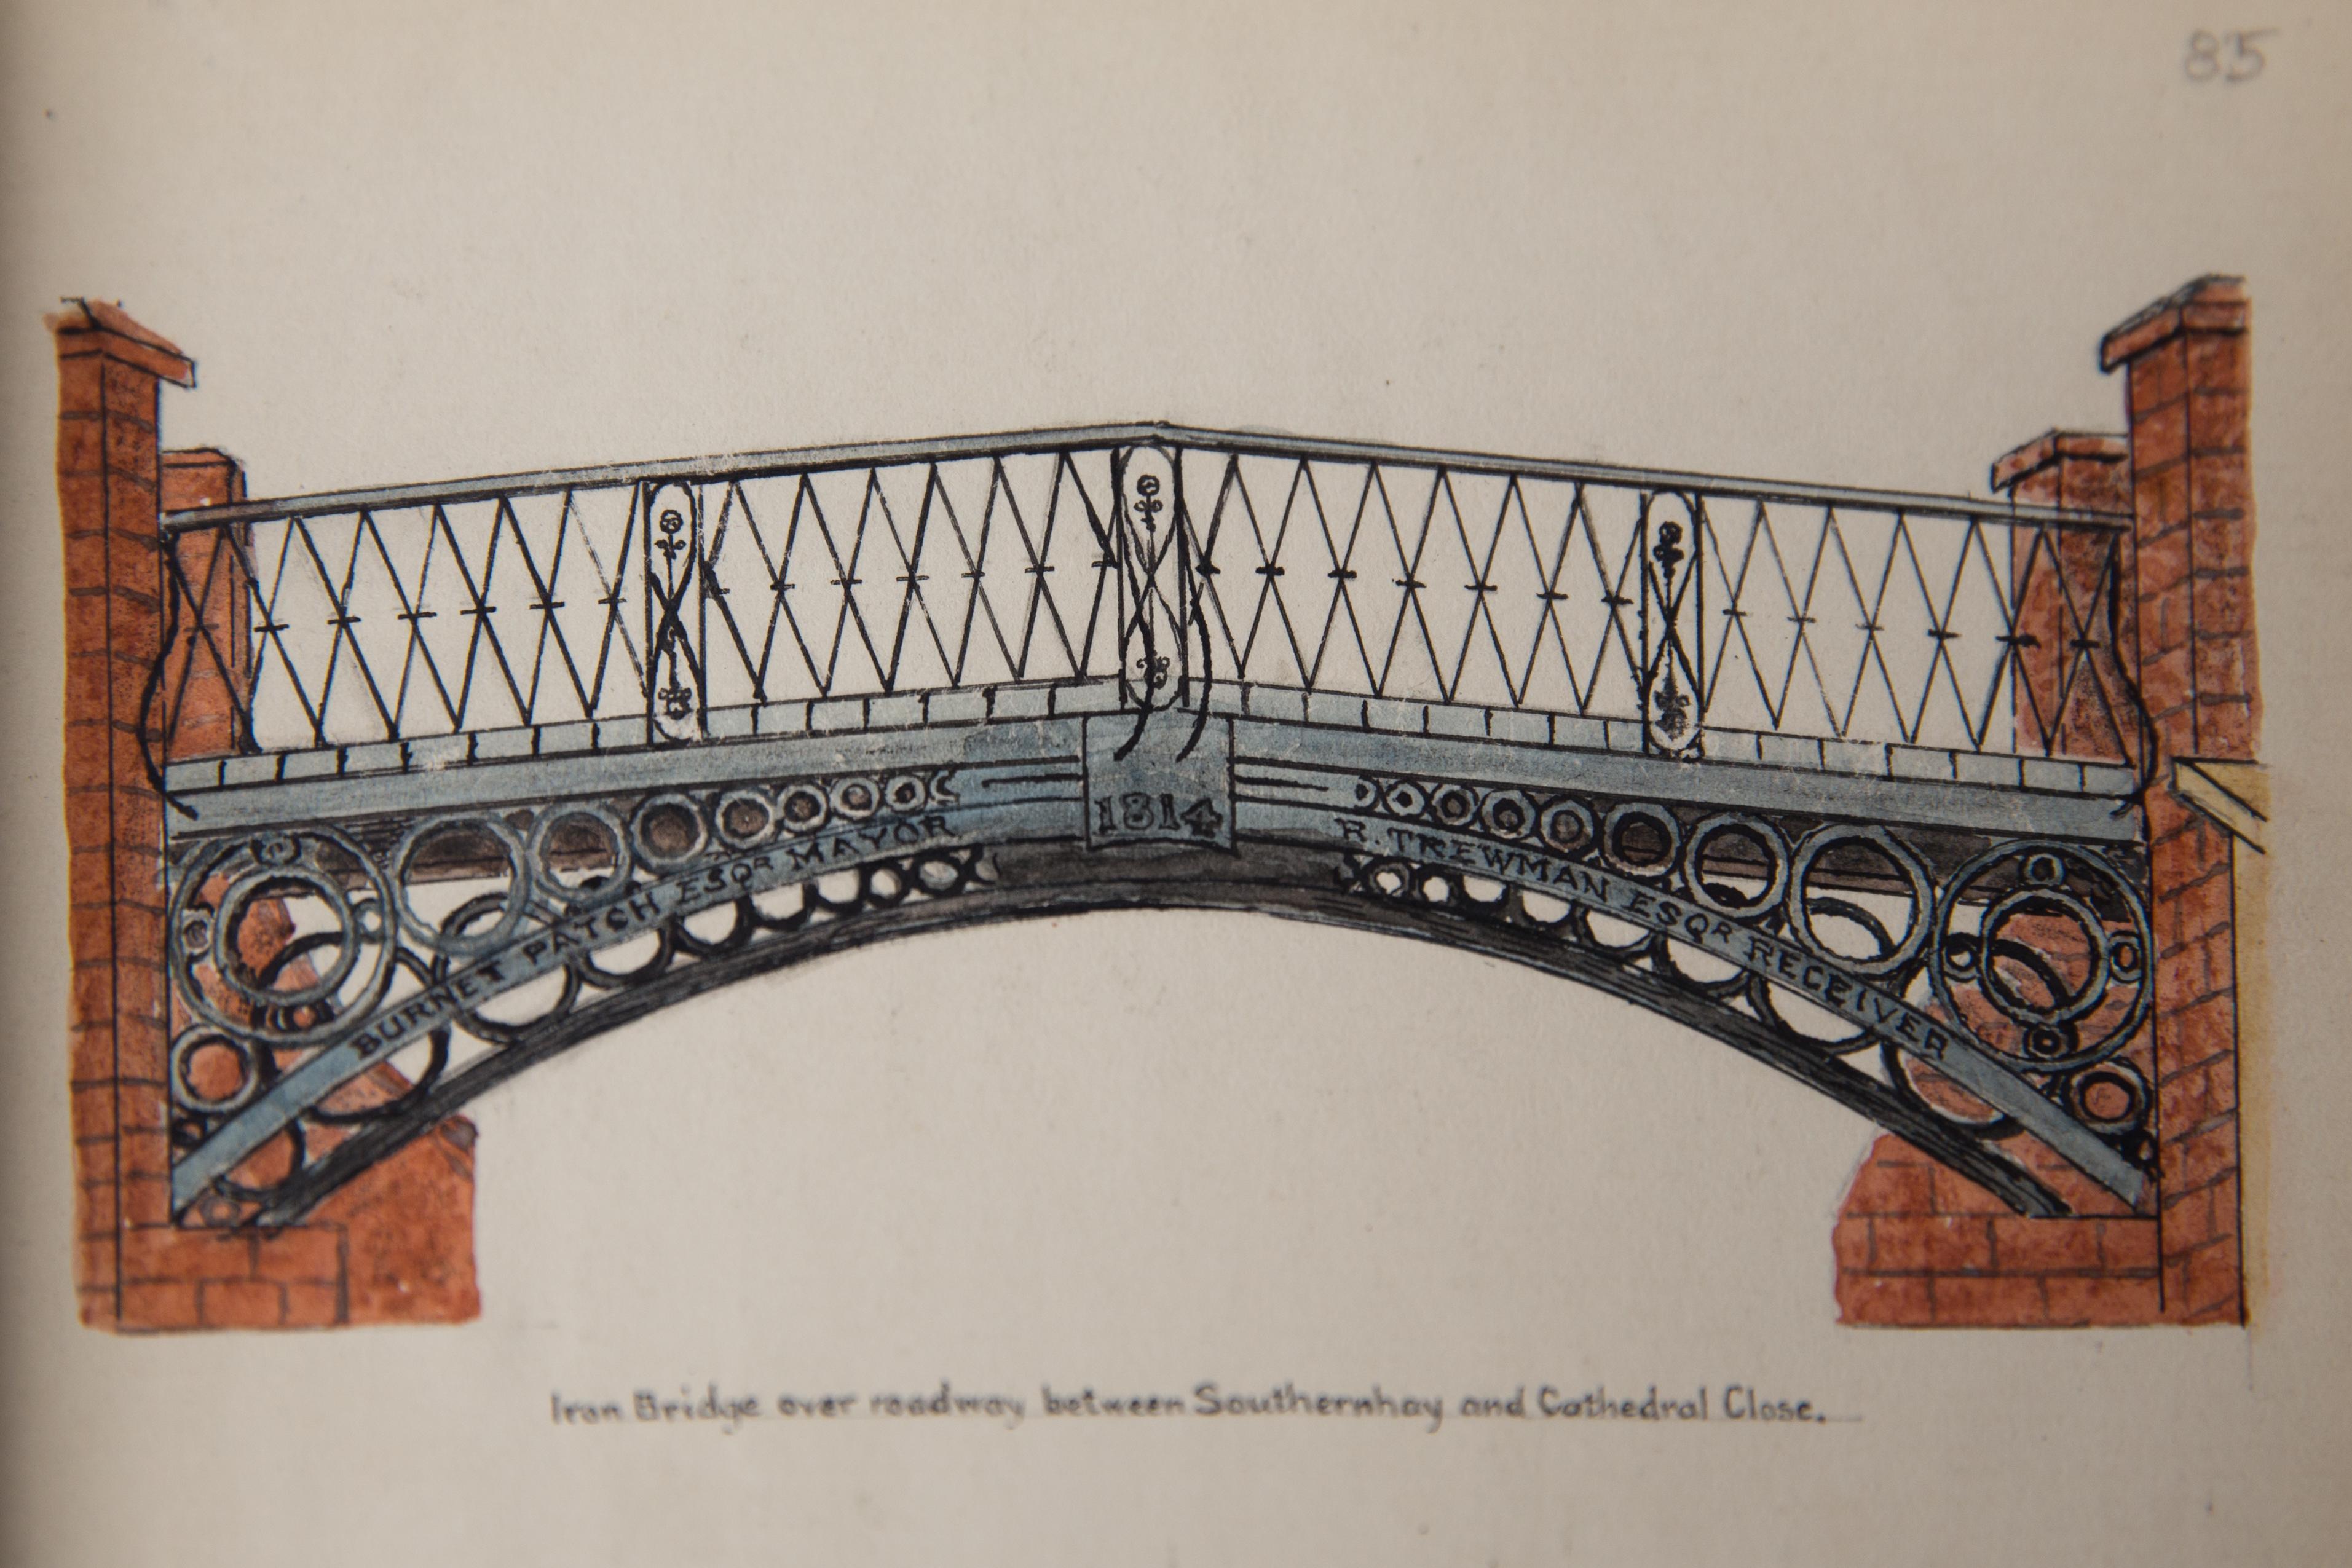 Burnet Patch Bridge